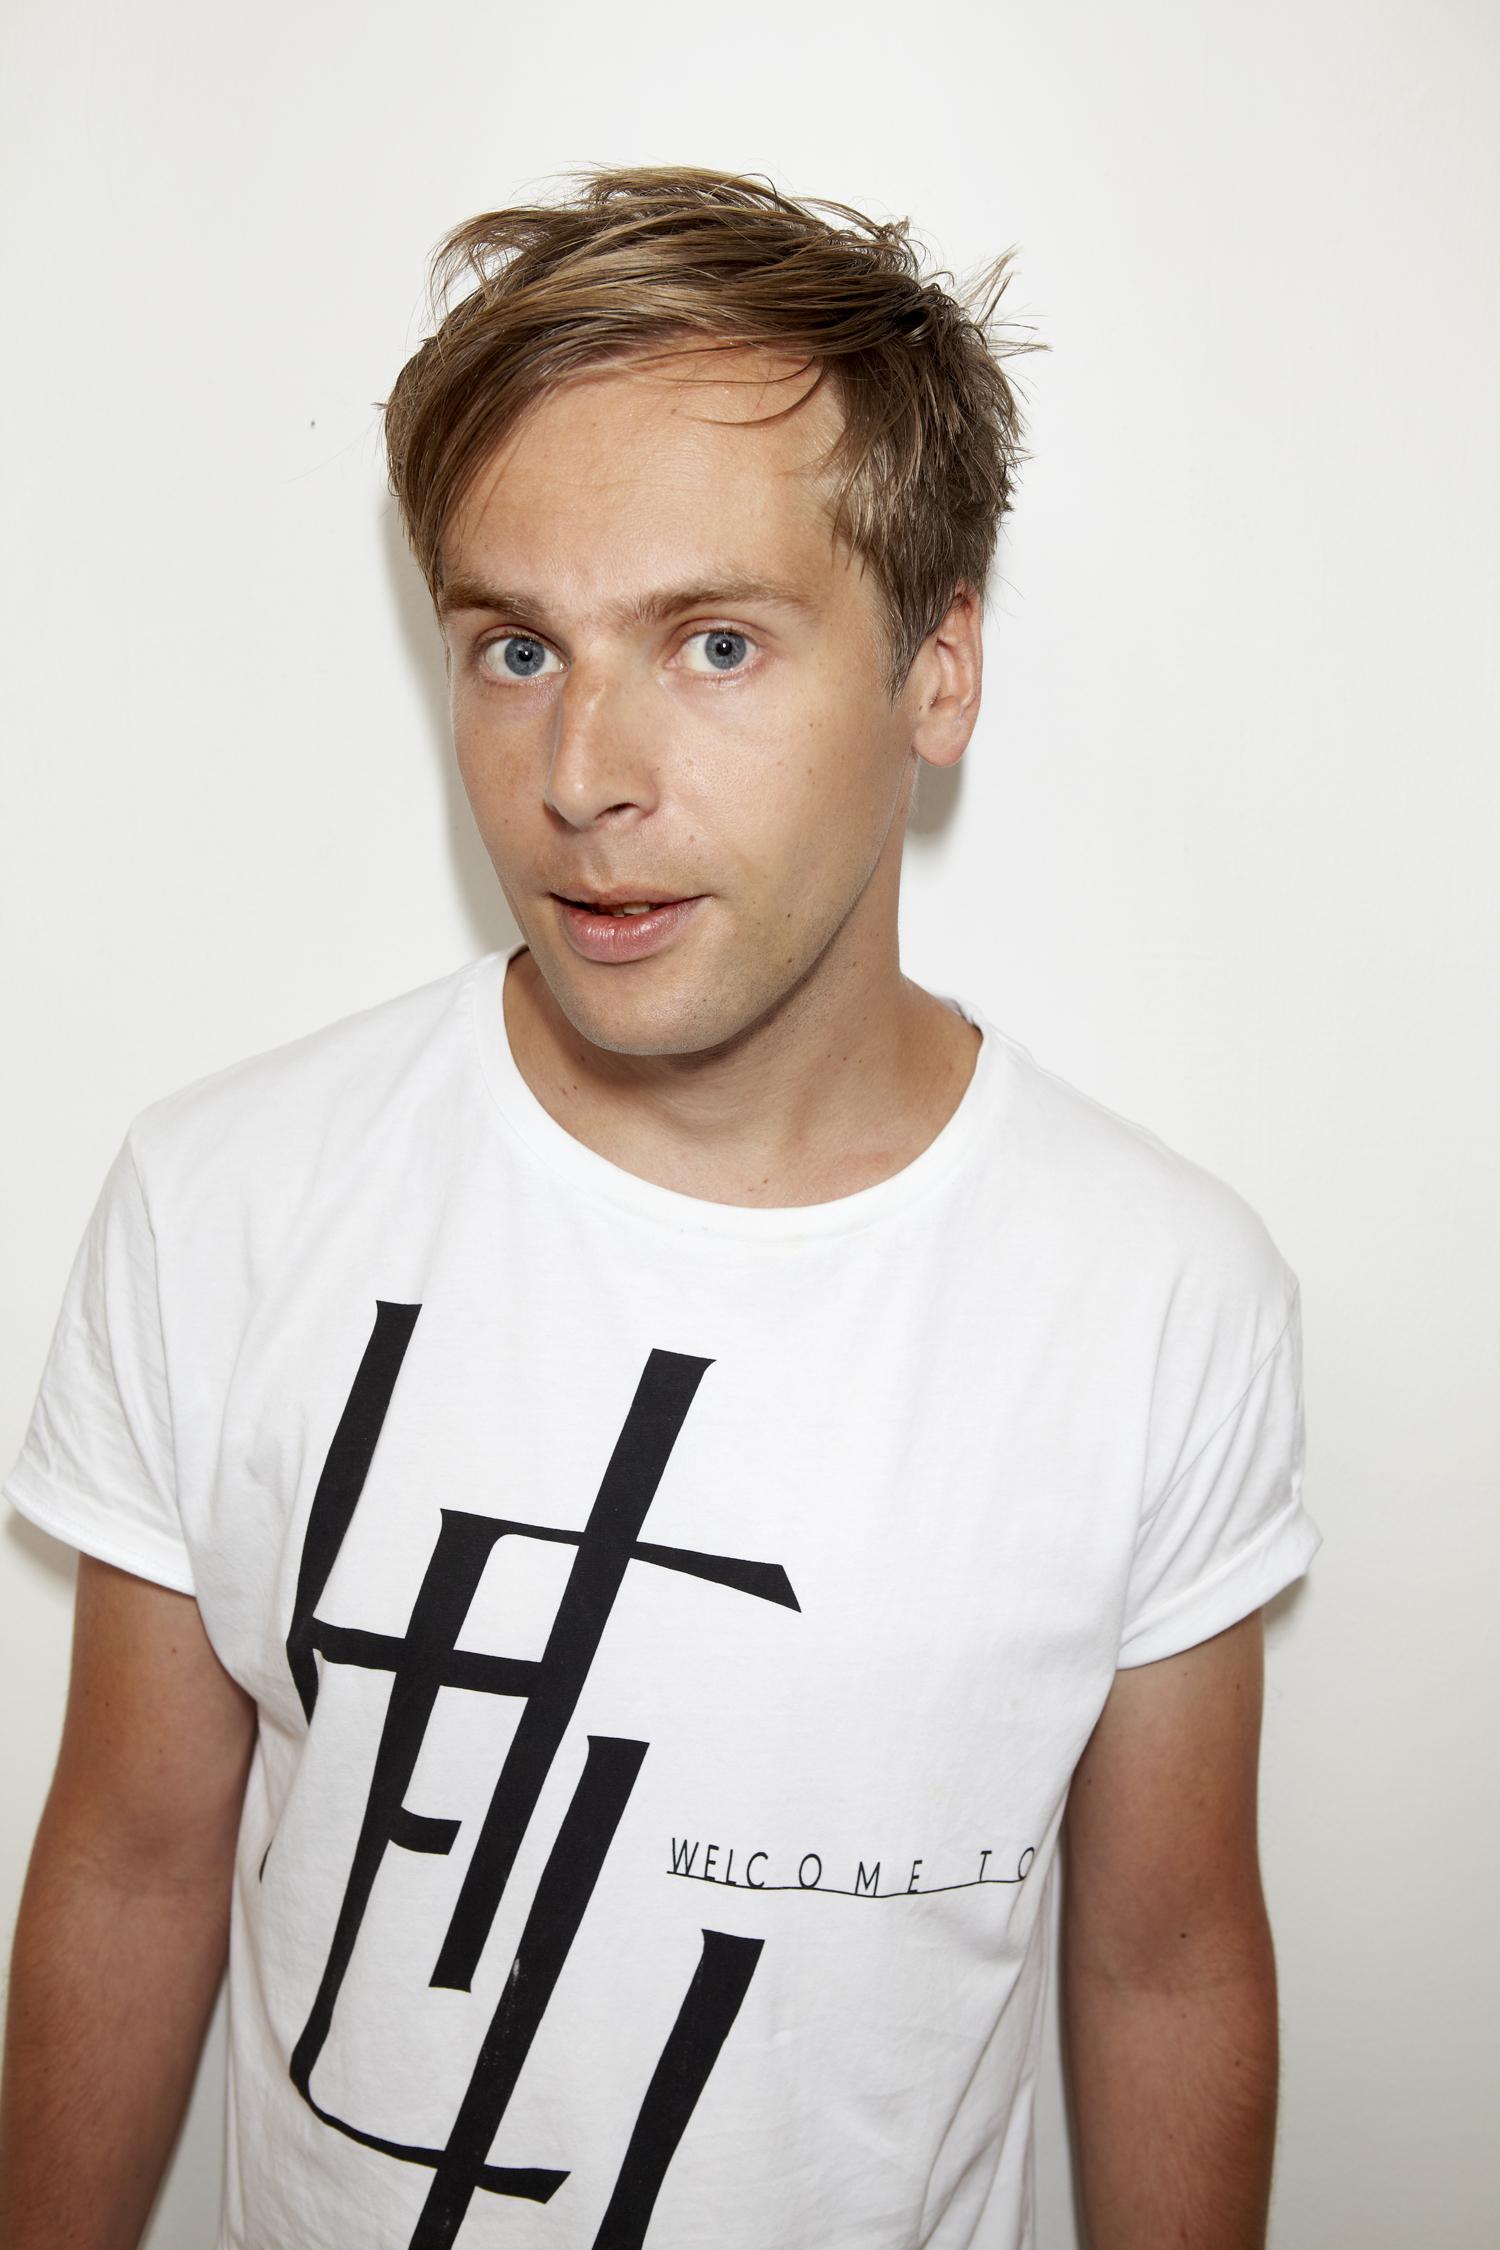 Kiki im Interview: über seine neue EP, das Leben in Berlin und Pläne